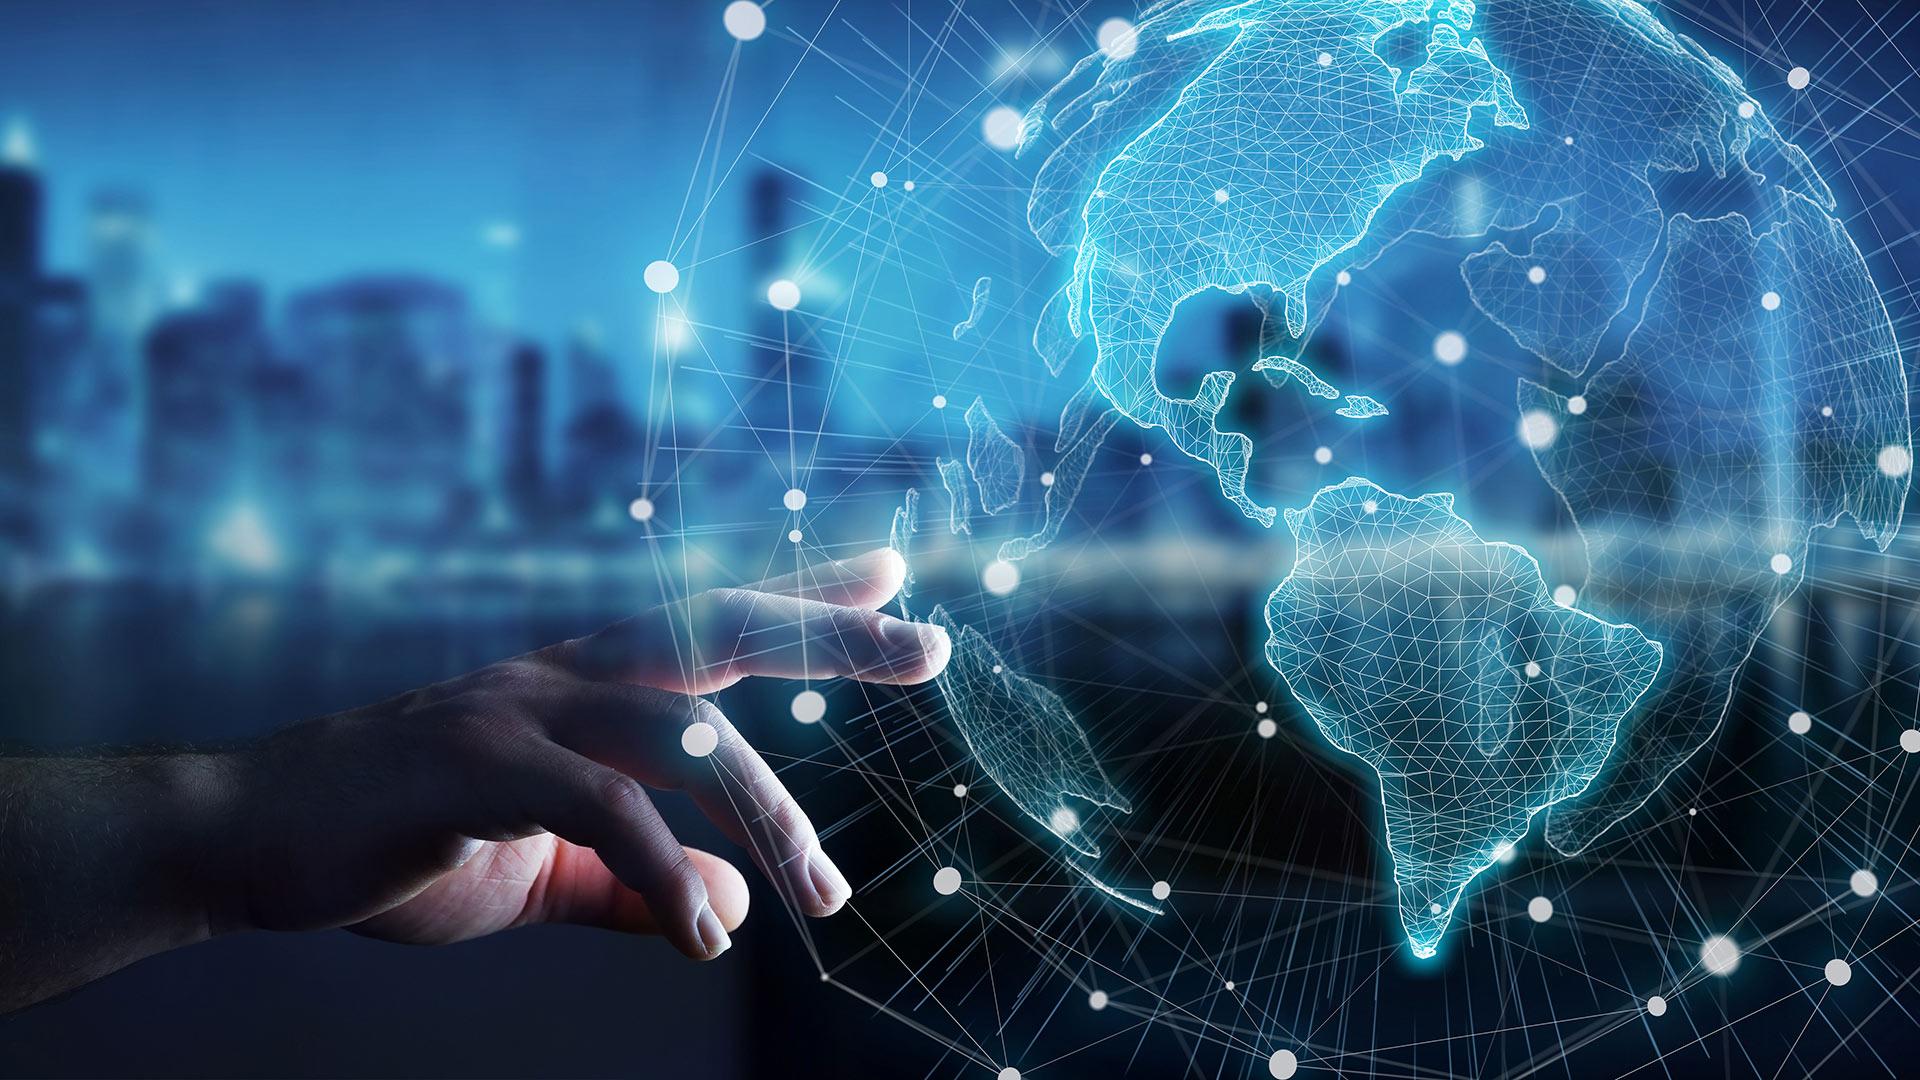 Hand touching virtual globe